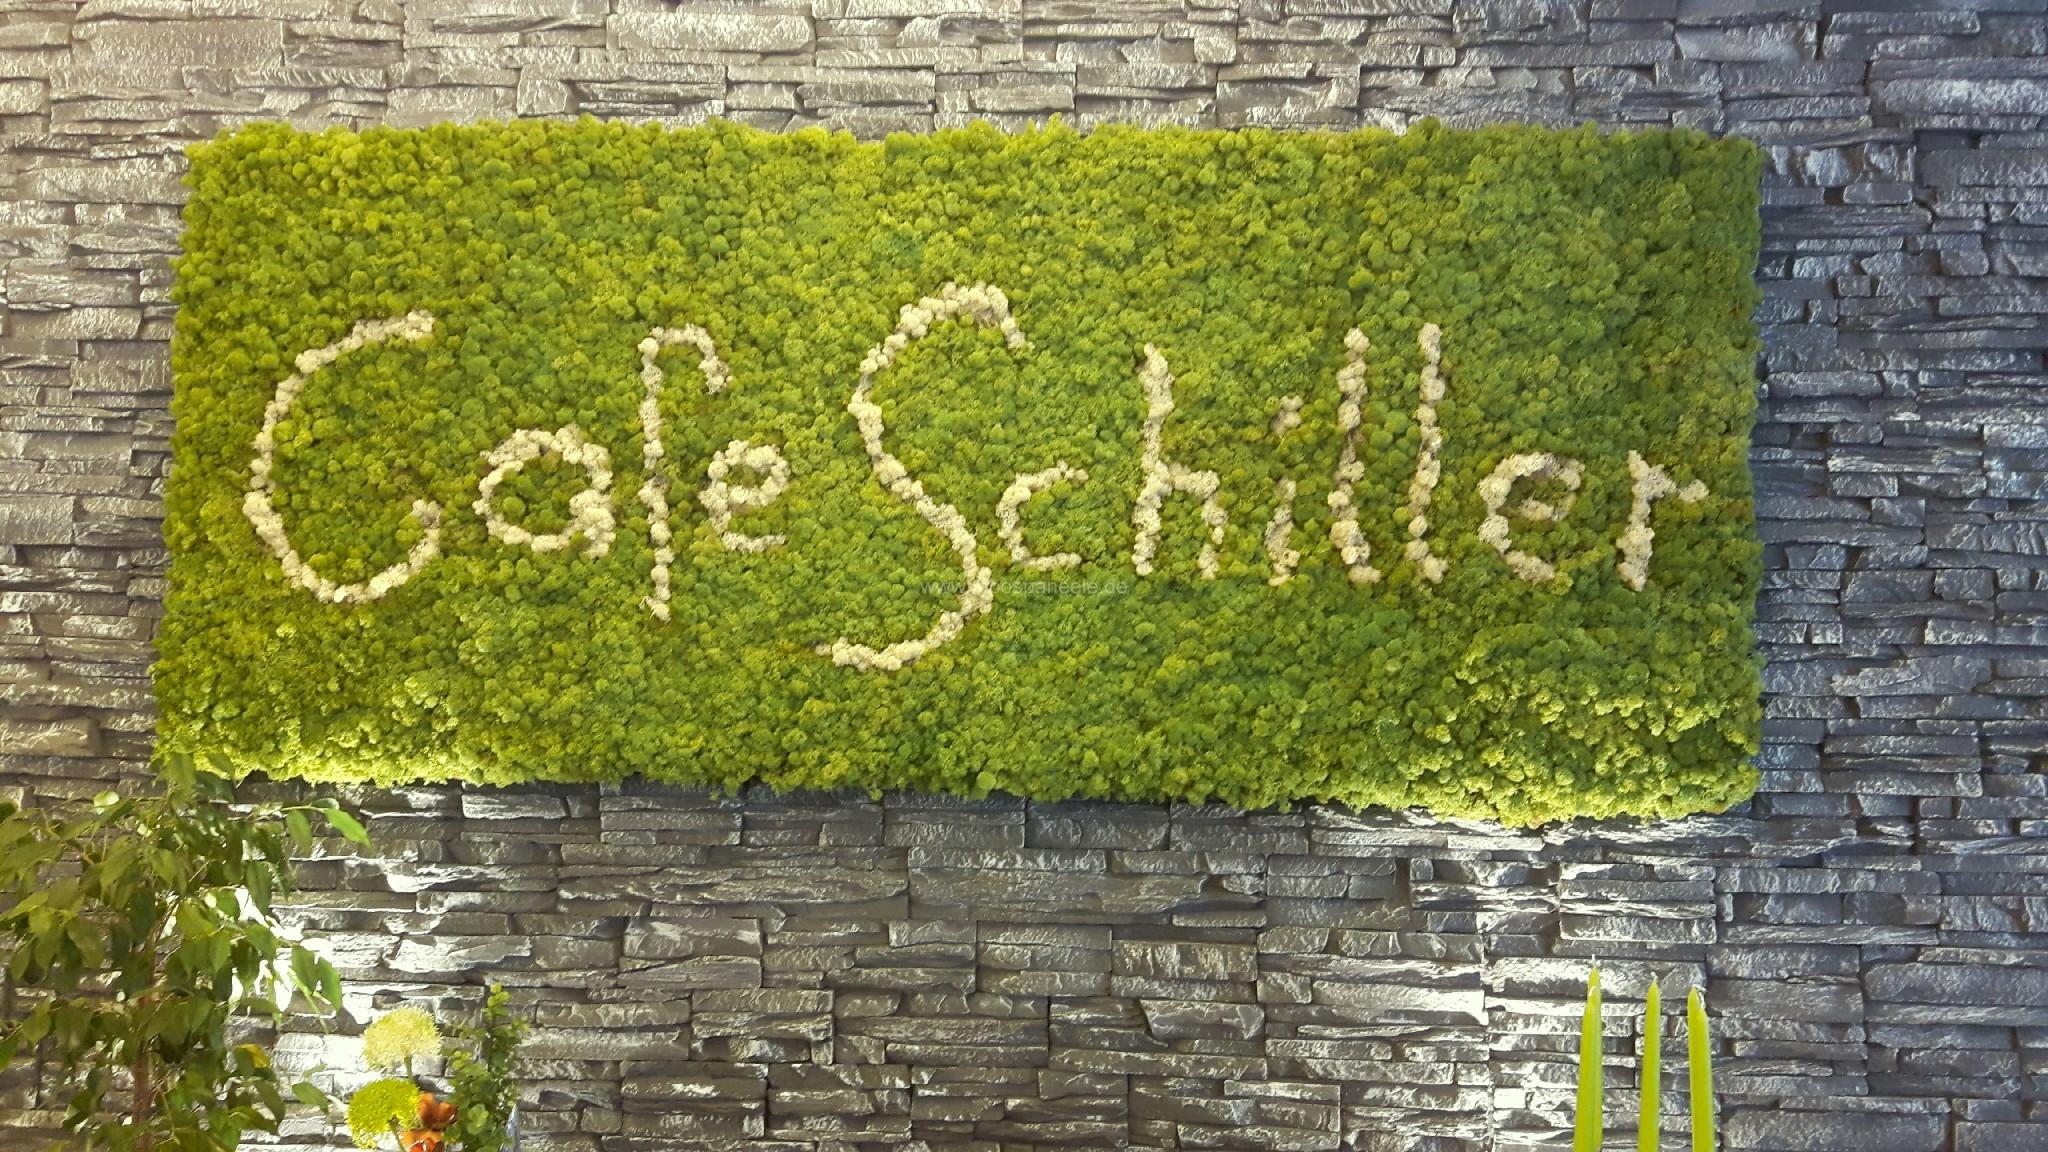 Moosbild mit Rentiermoos in der Farbe Mittelgrün und Schriftzug als Wandgestaltung im Restaurant Cafe Schiller in Traunstein